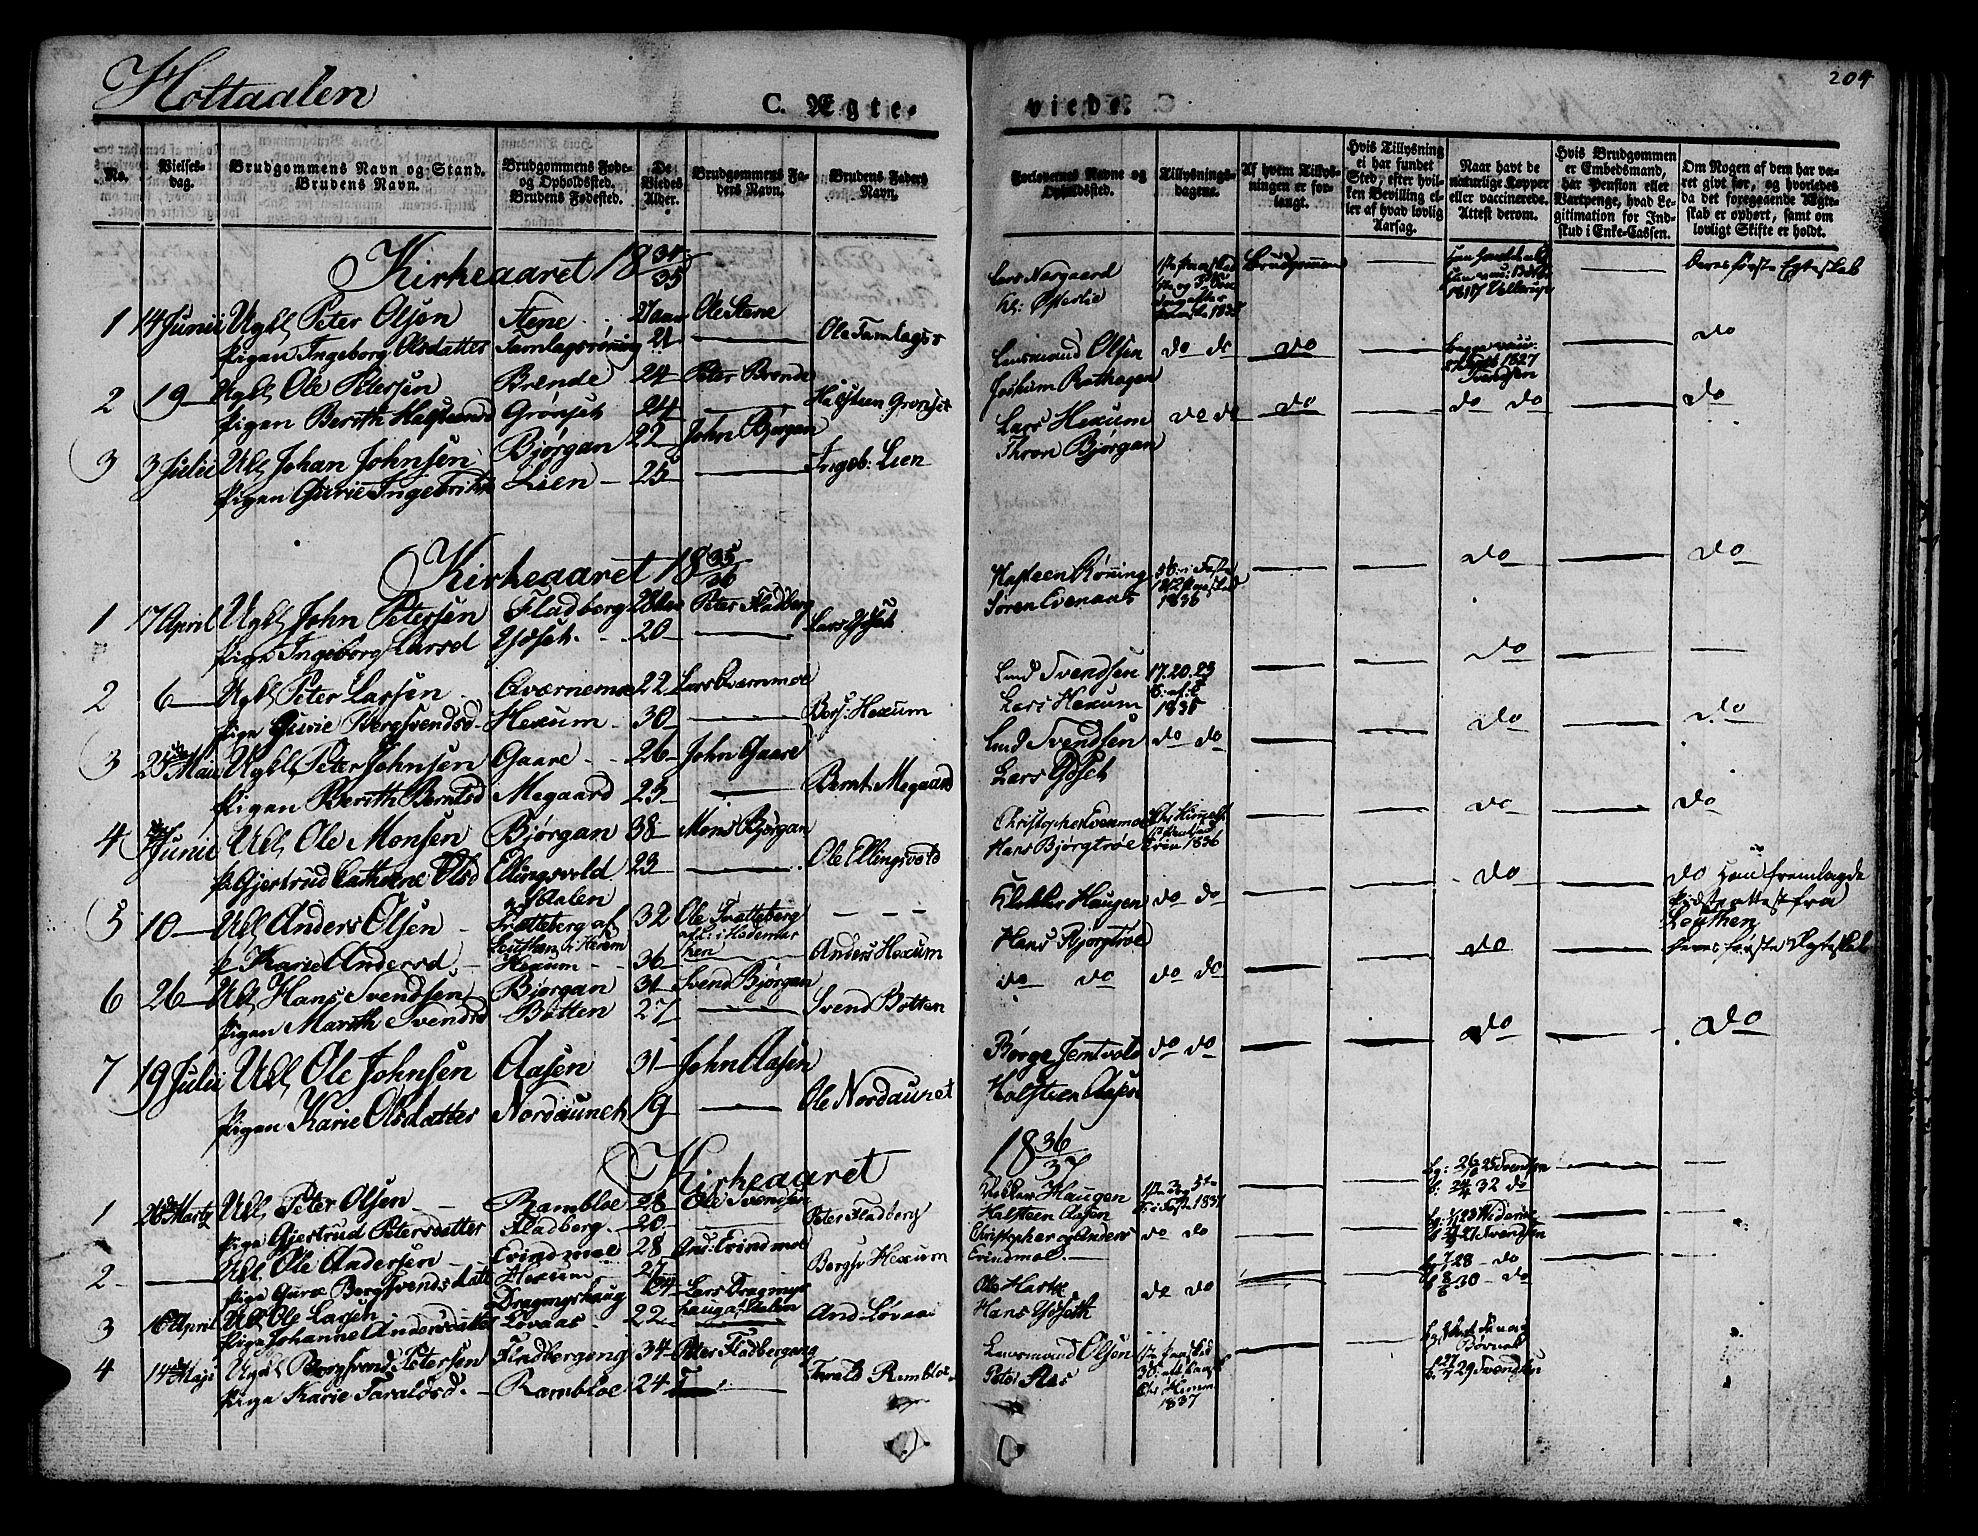 SAT, Ministerialprotokoller, klokkerbøker og fødselsregistre - Sør-Trøndelag, 685/L0957: Ministerialbok nr. 685A04 /1, 1829-1845, s. 204